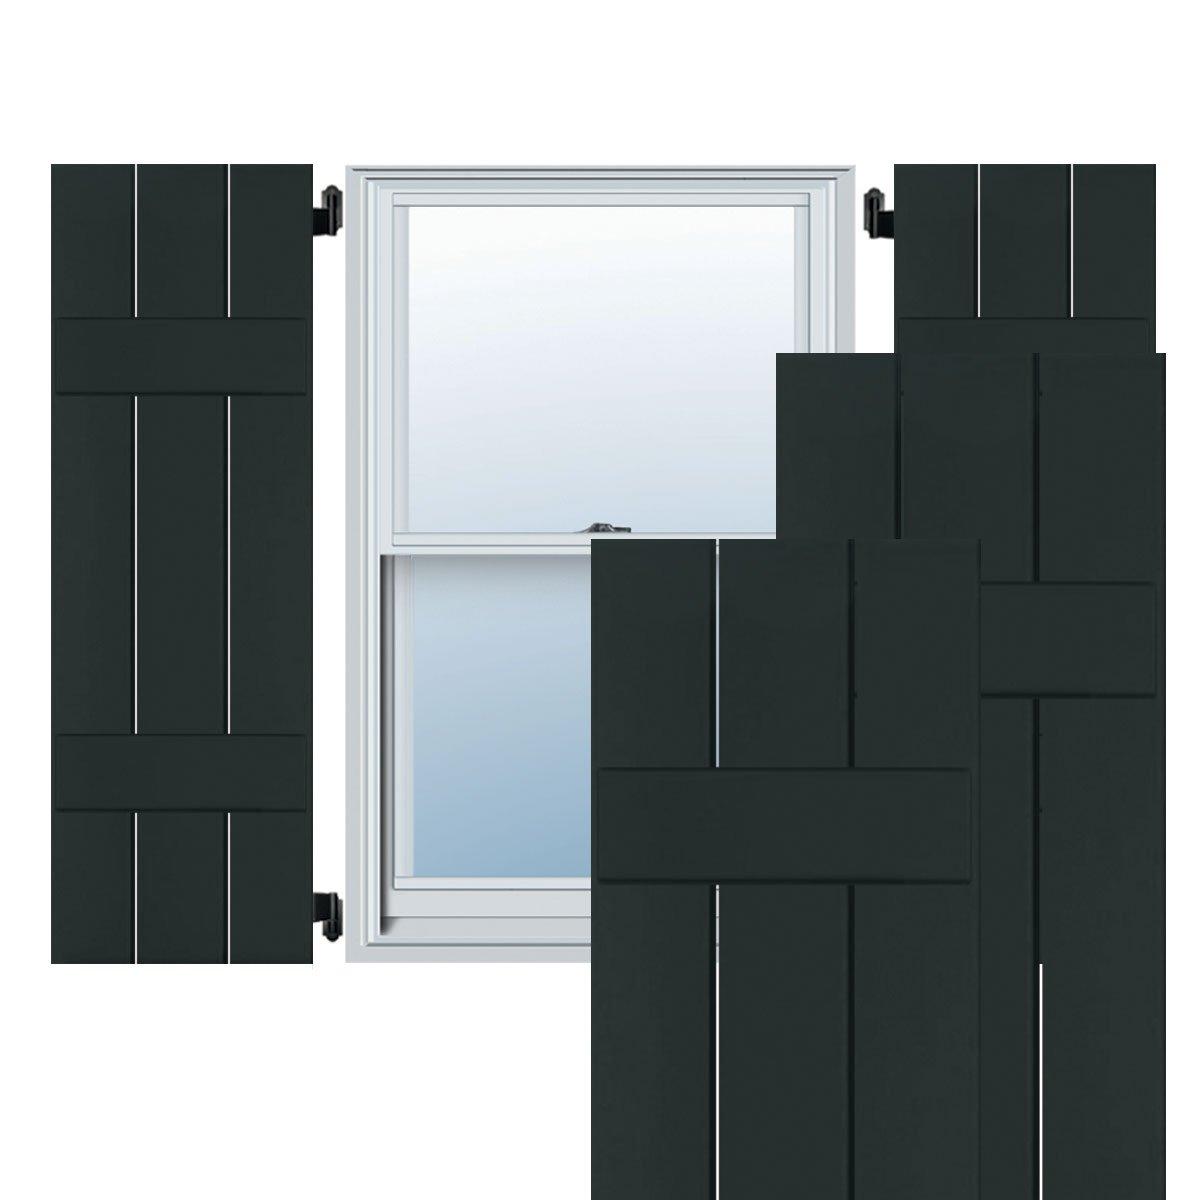 Dark Green 10 1//2W x 32 3//4H 10 1//2W x 32 3//4H Per Pair Ekena Millwork EB0110500X032750PDG Exterior Pine Three Board Two Batten Board-n-Batten Shutters